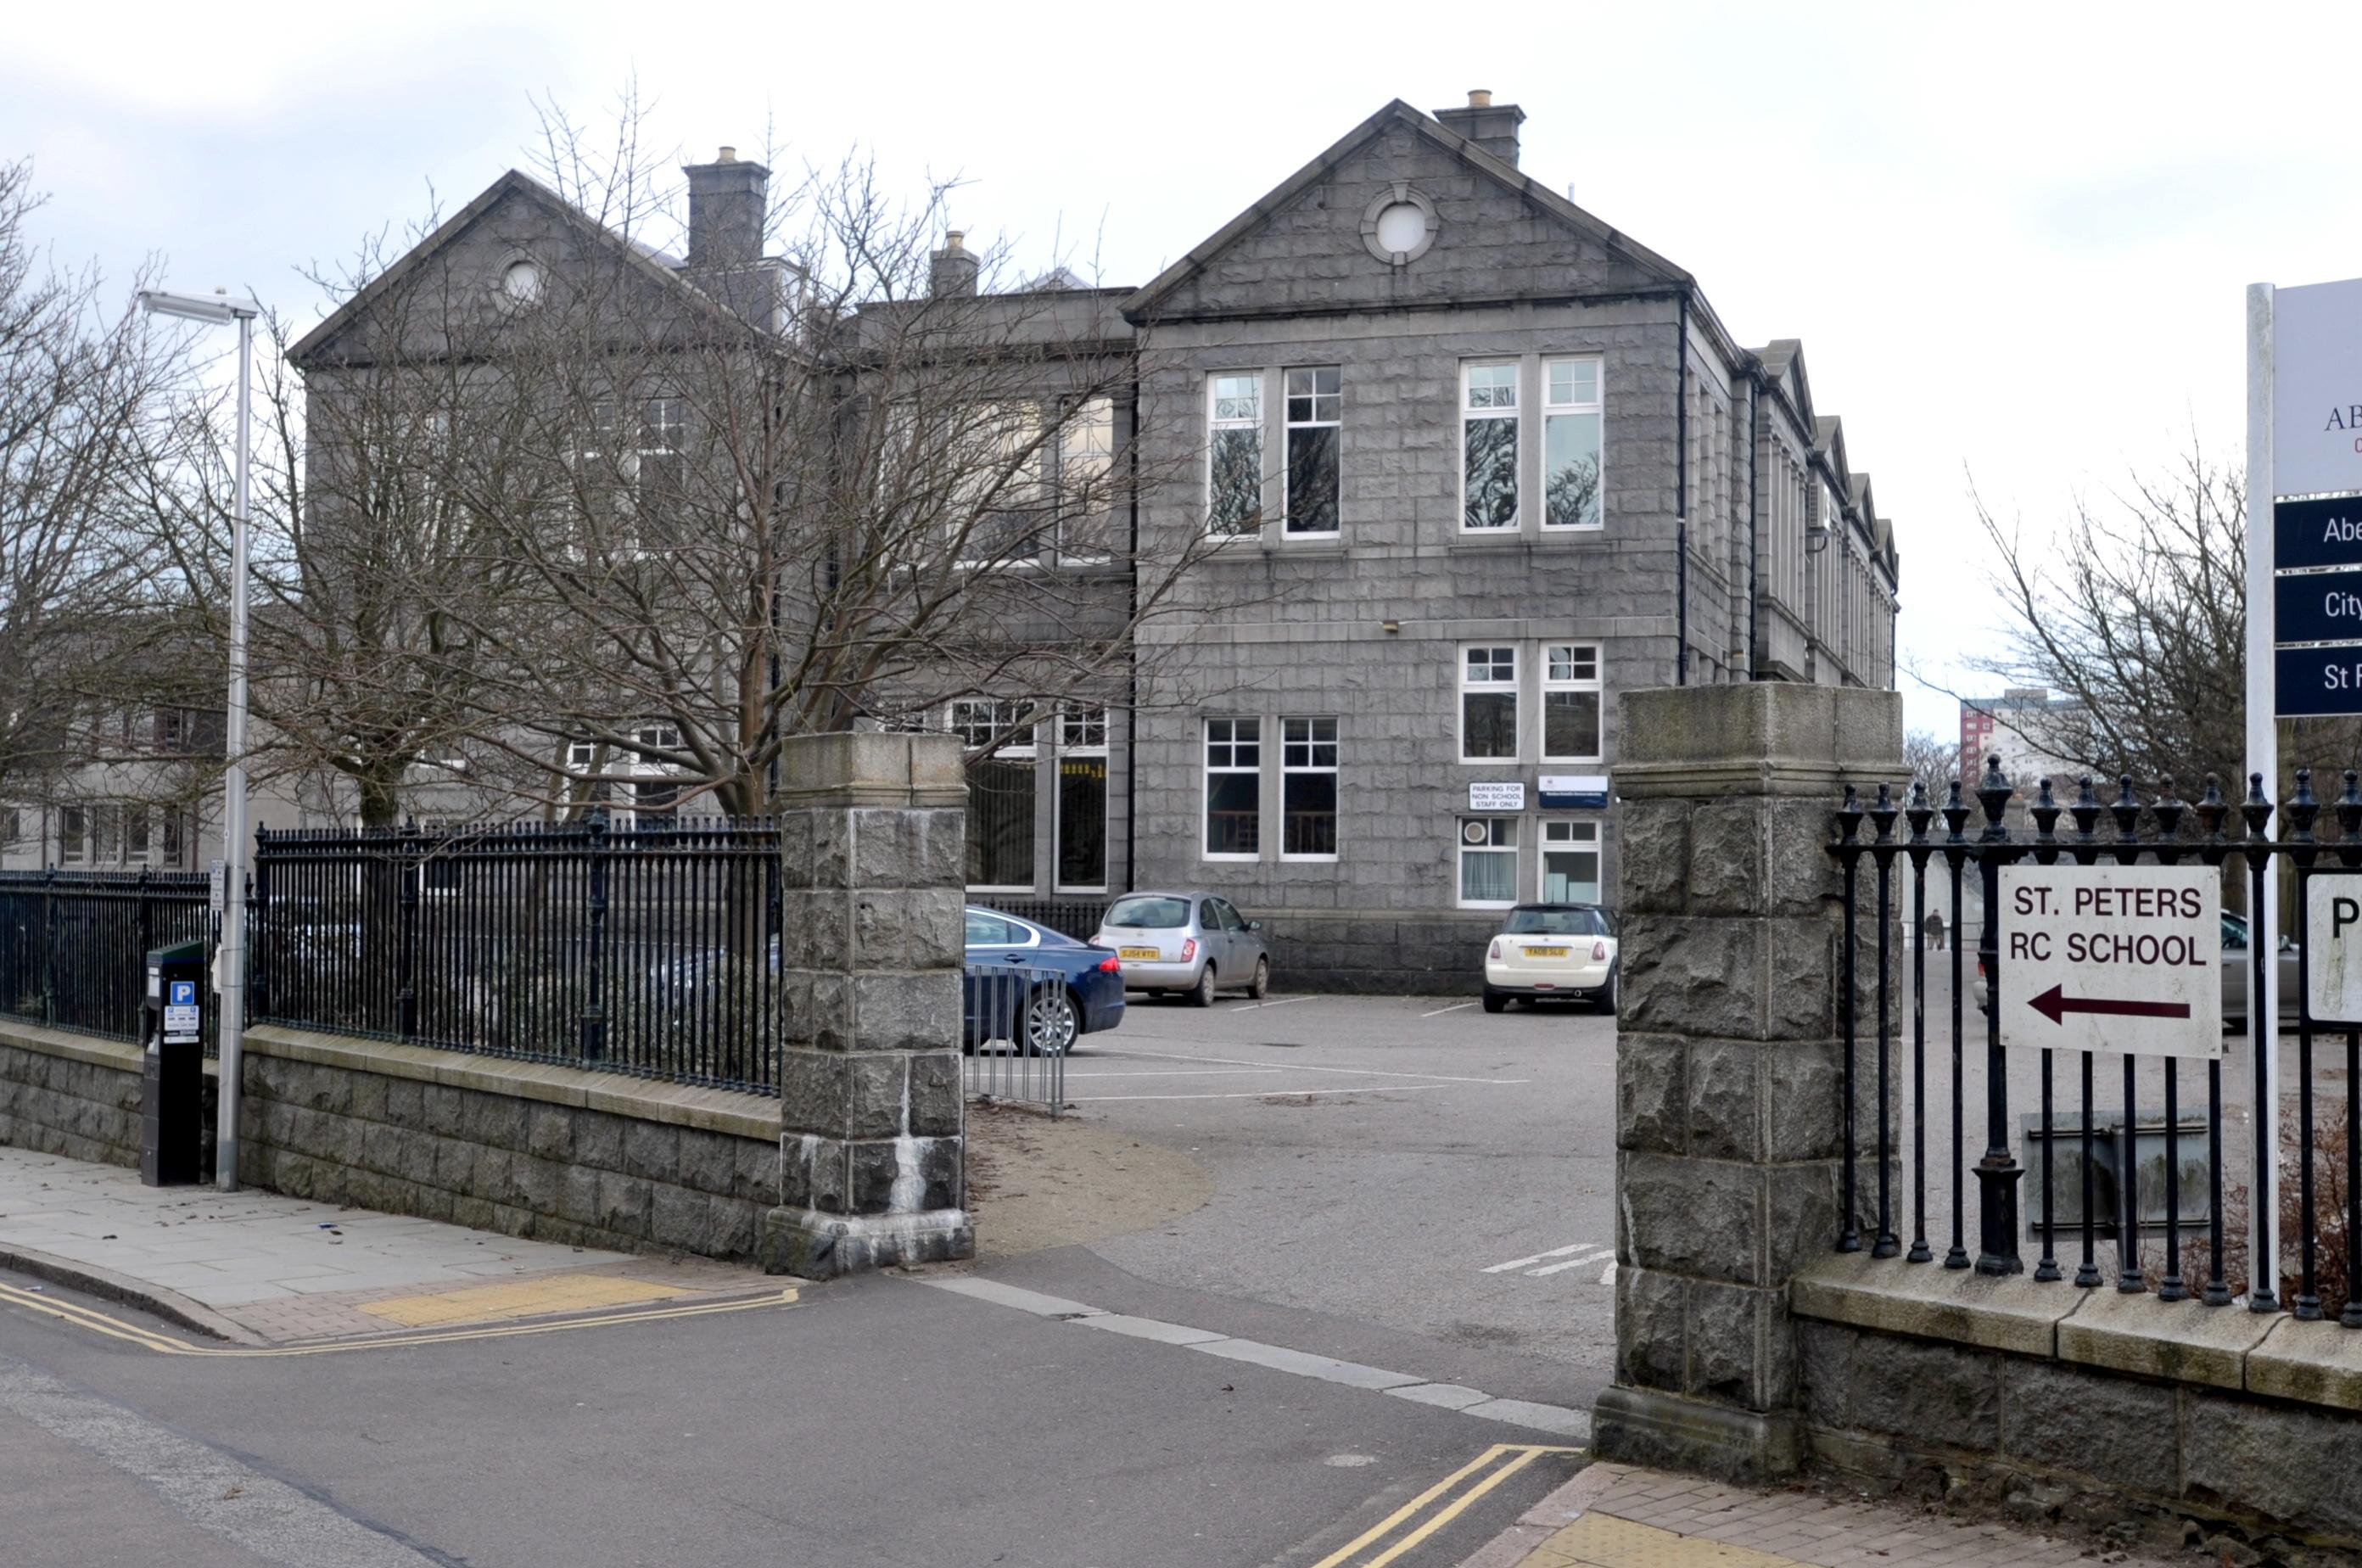 St Peter's RC Primary School